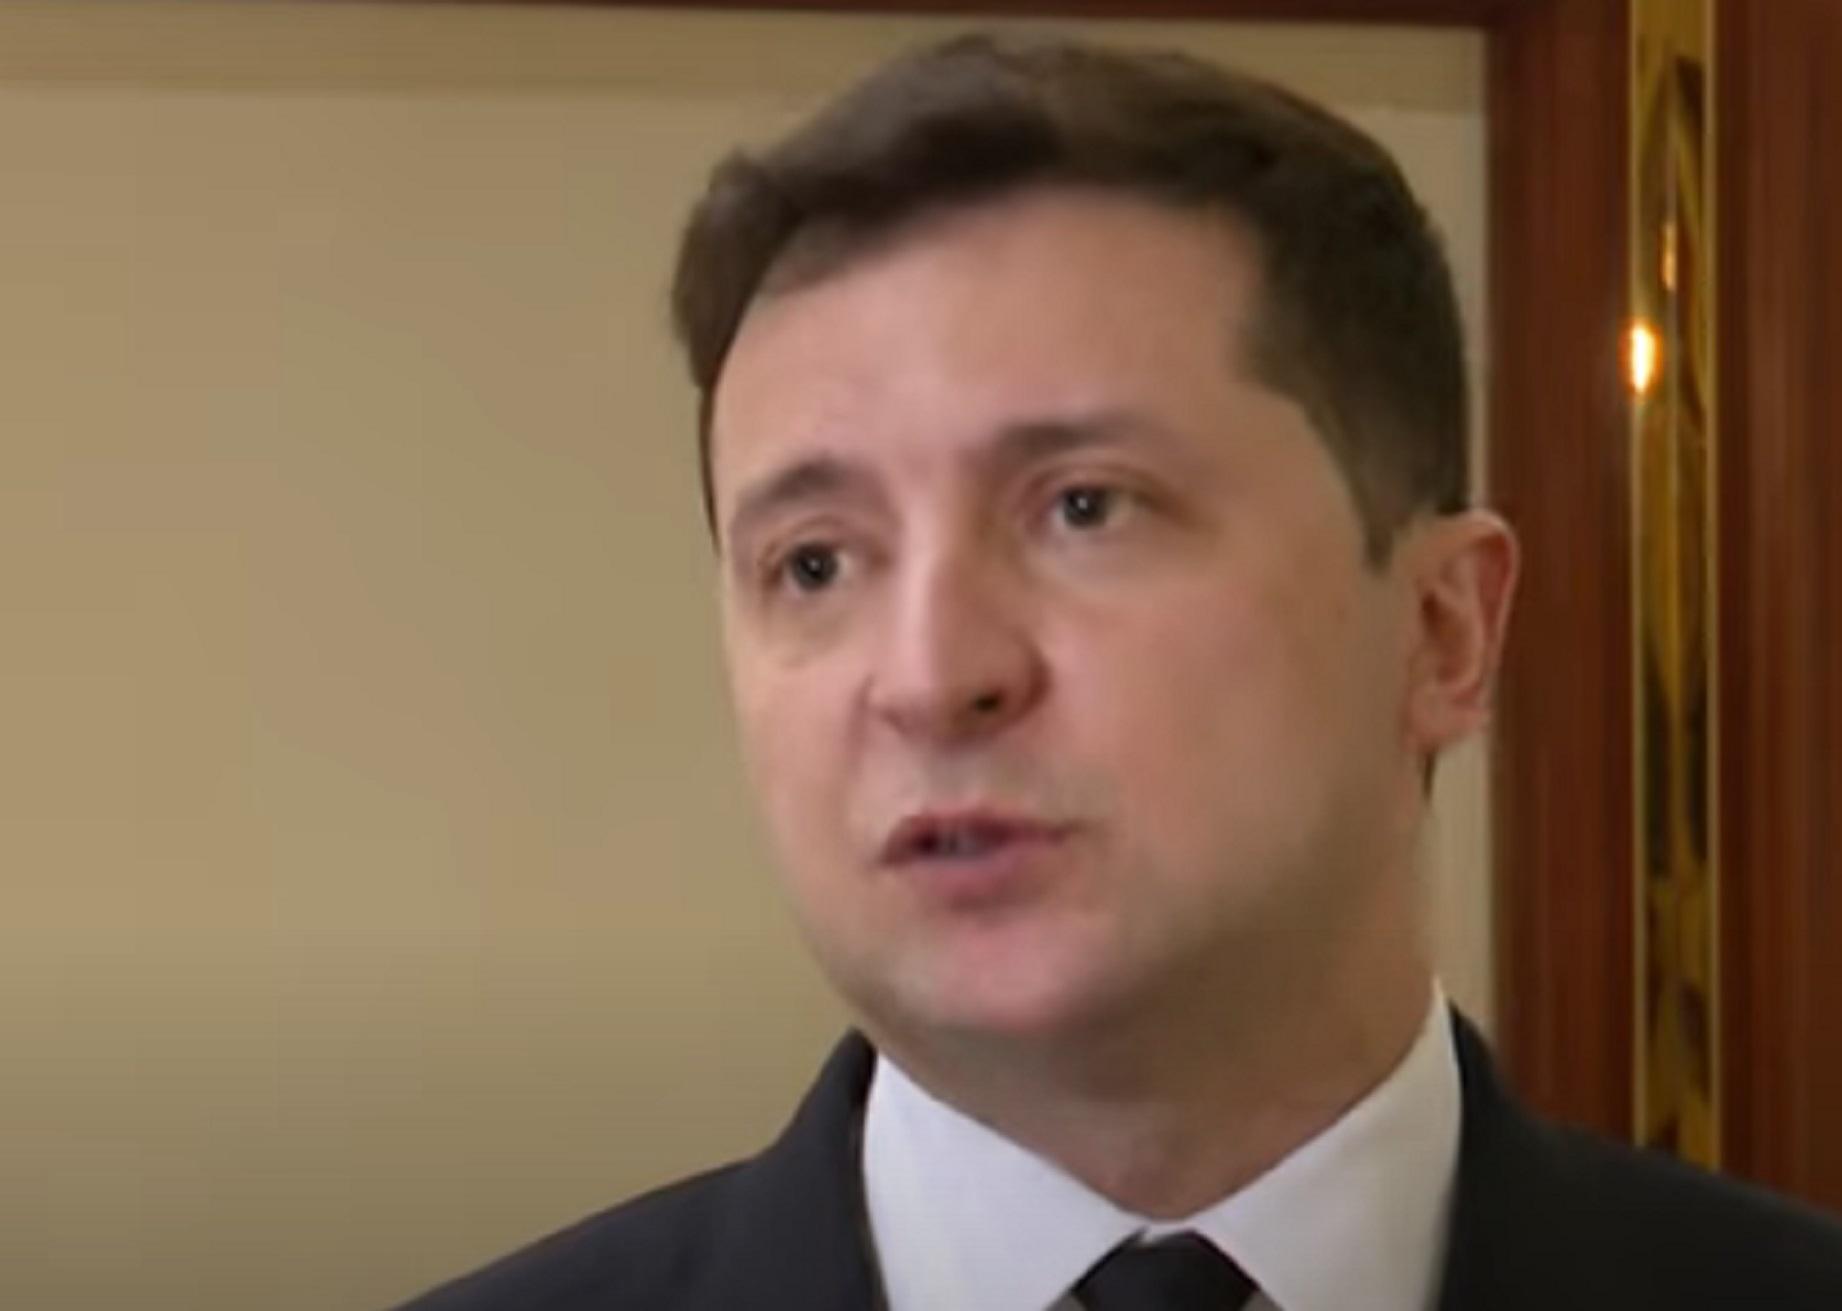 Зеленский сделает из Кривого Рога второй Киев: что планирует президент